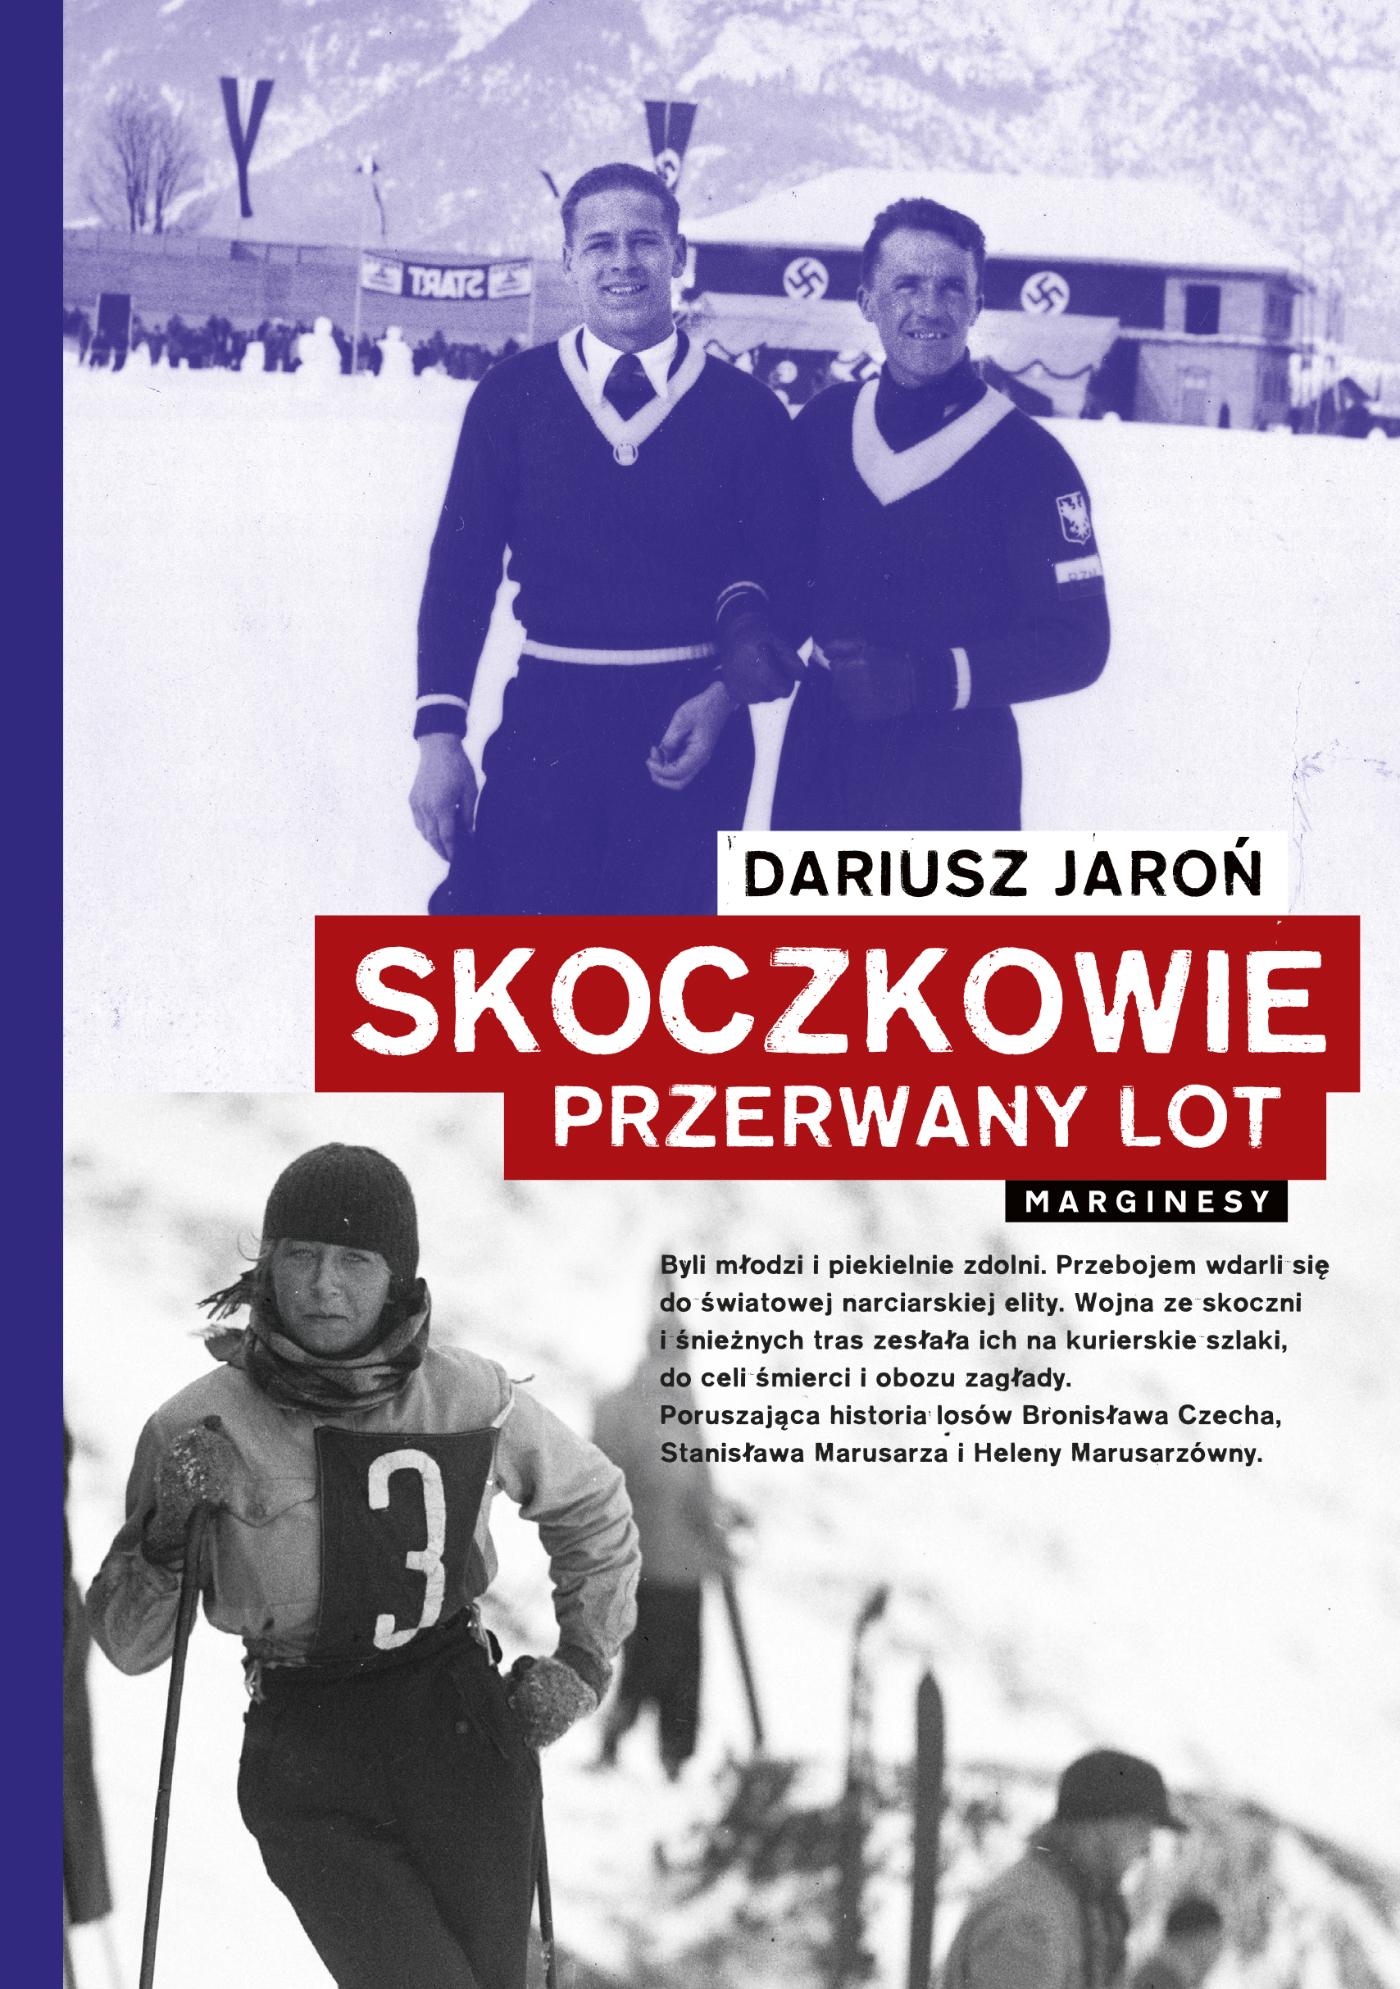 """Książka """"Skoczkowie"""" spotkanie z Dariuszem Jaroniem – ODWOŁANE"""